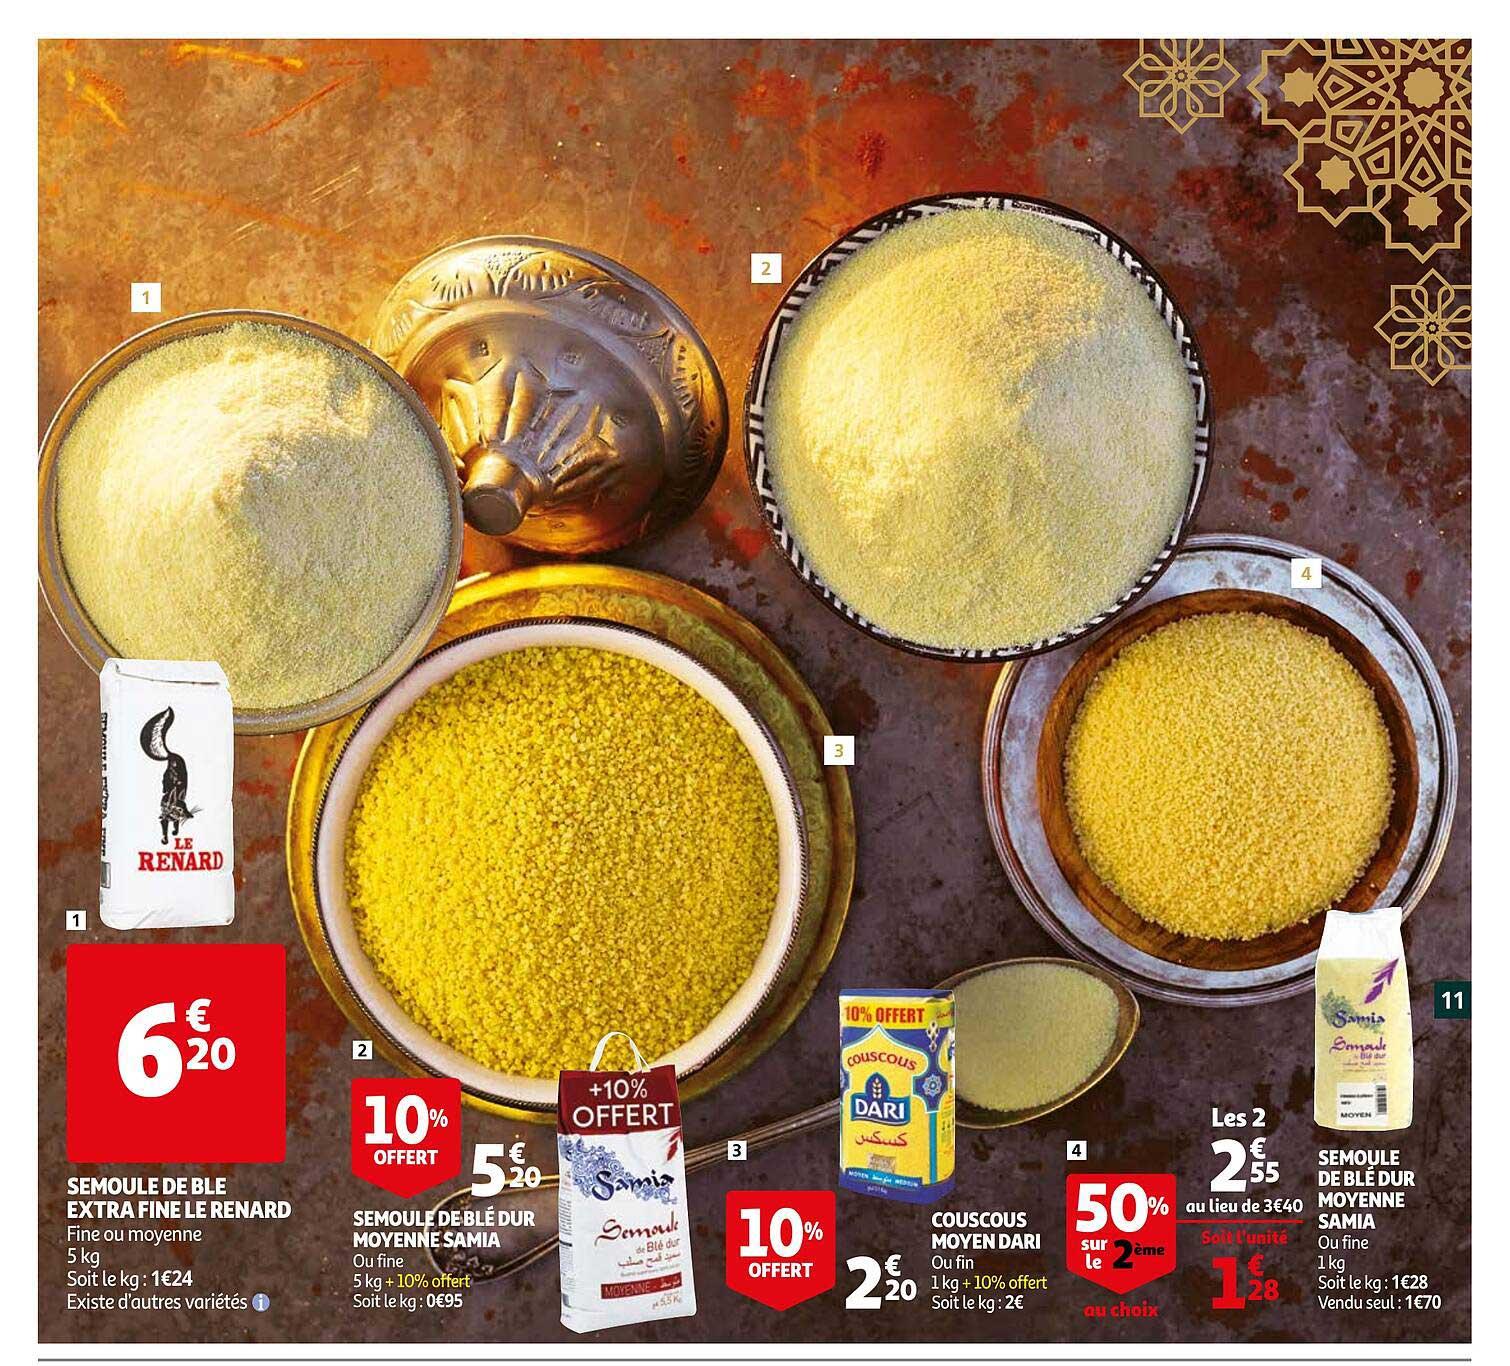 Auchan Semoule De Blé Extra Fine Le Renard, Semoule De Blé Dur Moyenne Samia, Couscous Moyen Dari, Semoule De Blé Dur Moyenne Samia